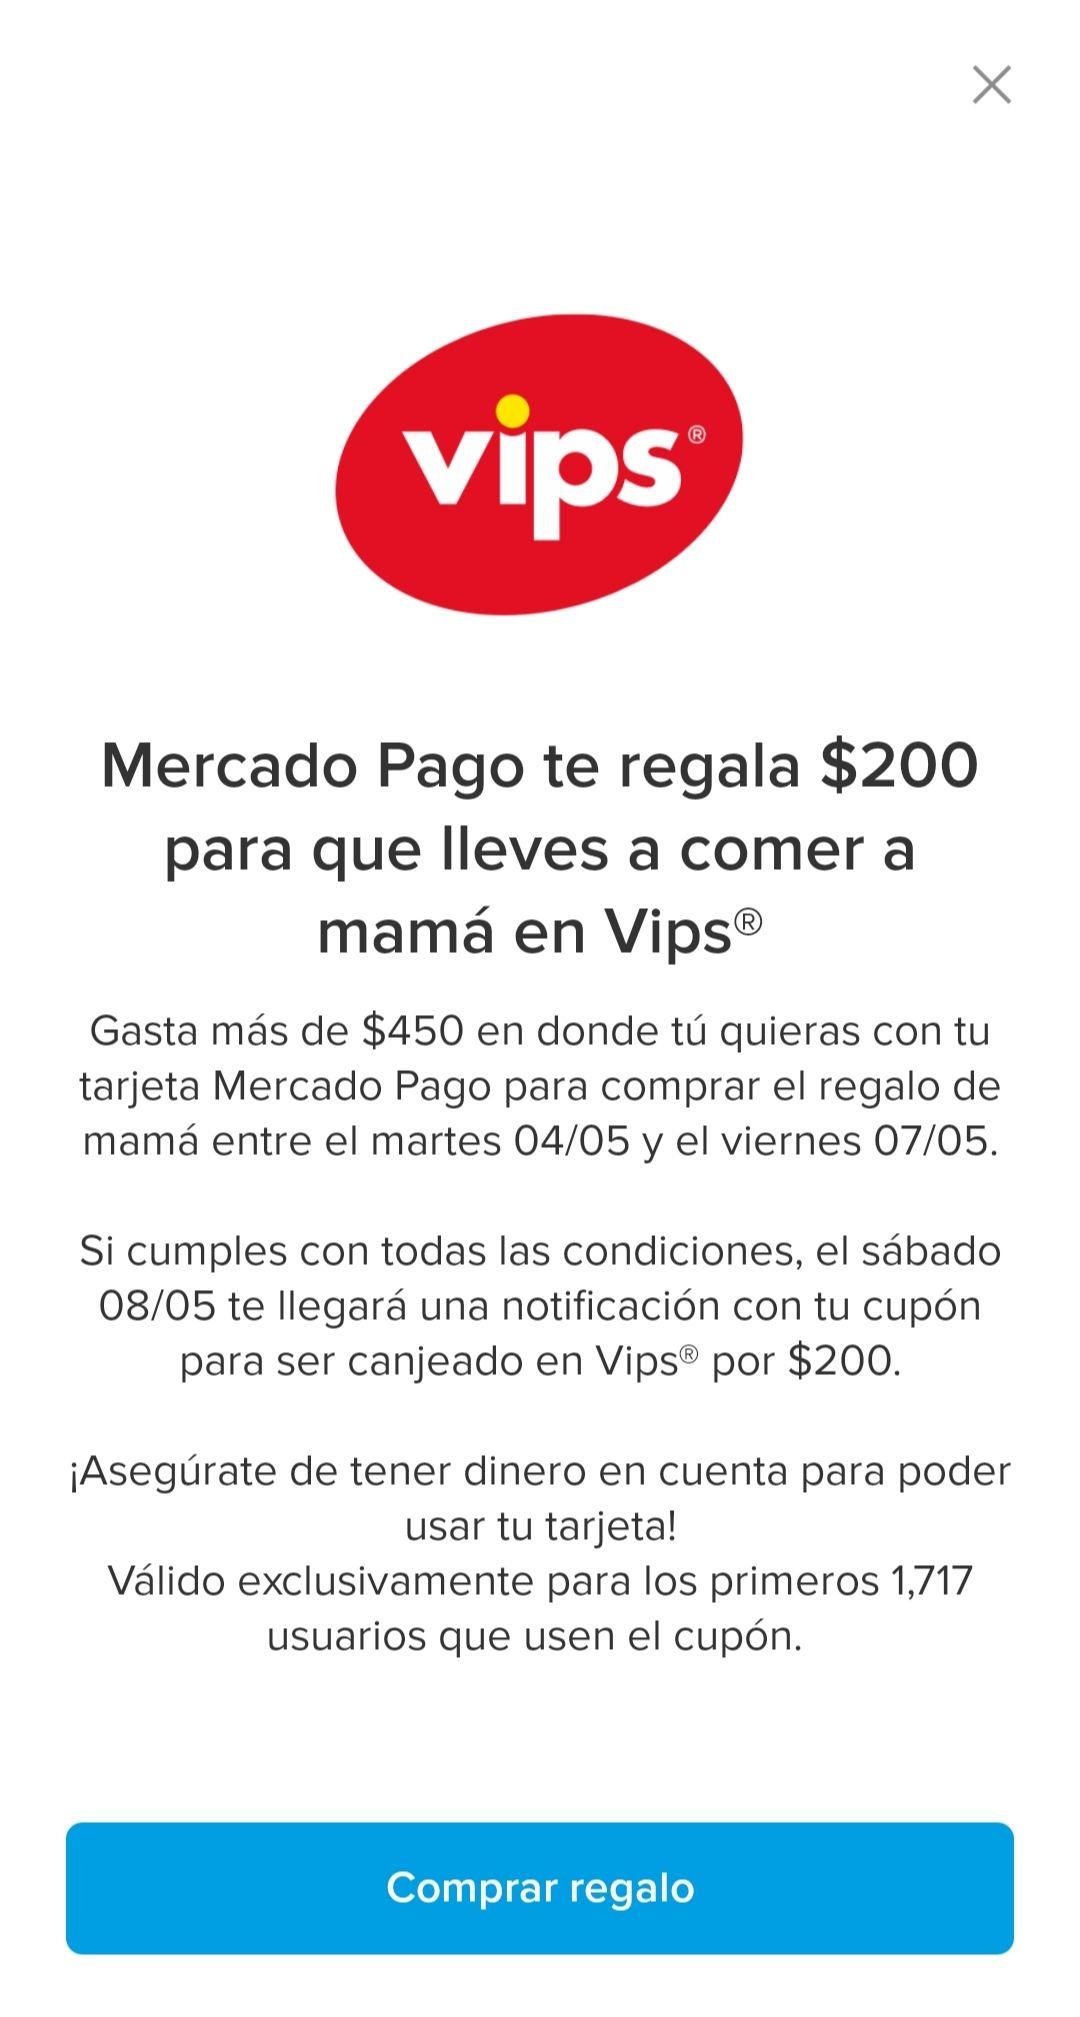 Mercado Pago: $200 para Vips Usuarios seleccionados